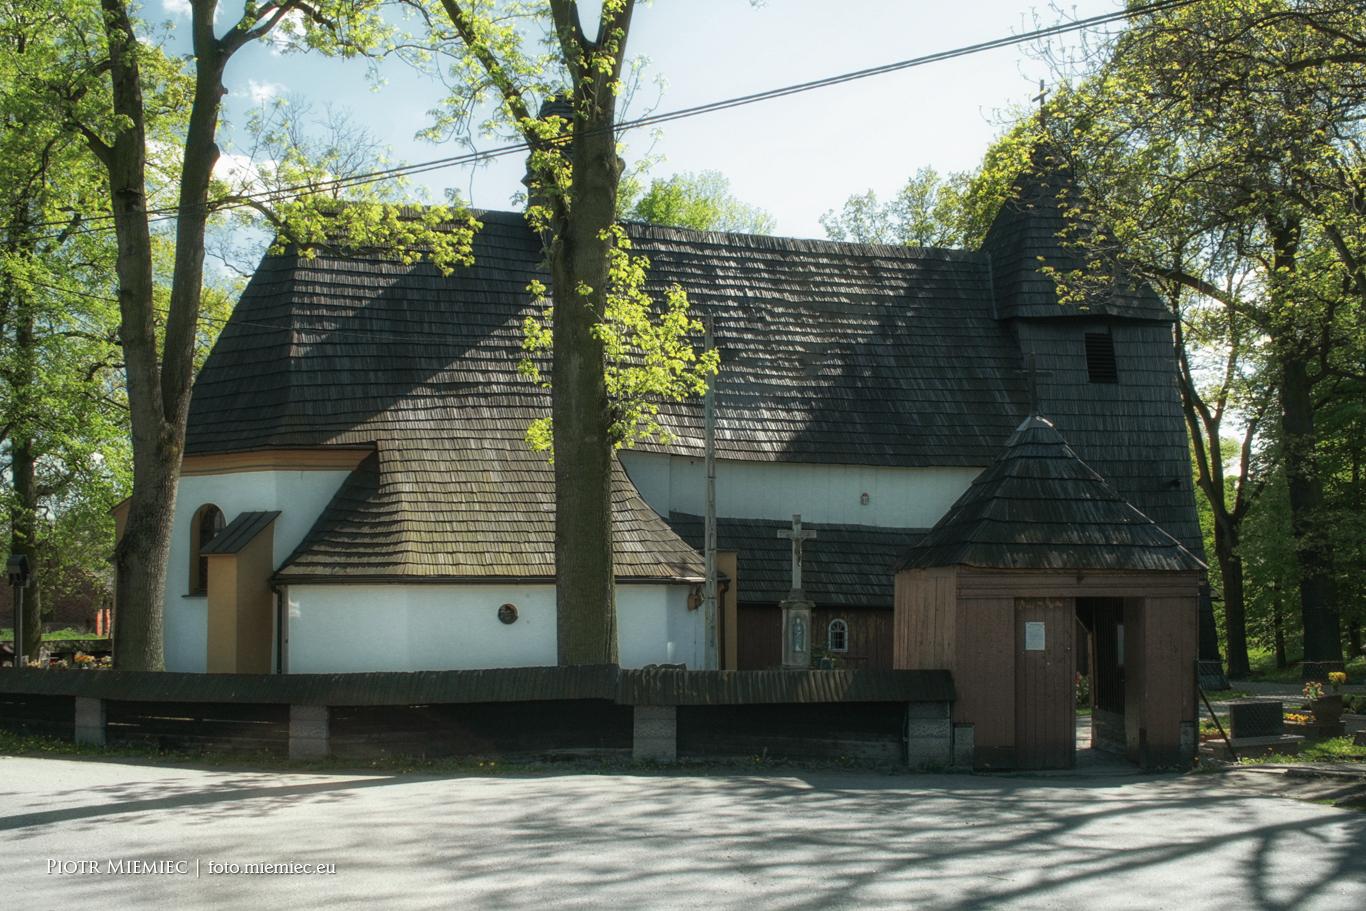 Zabytkowy kościół w Rachowicach